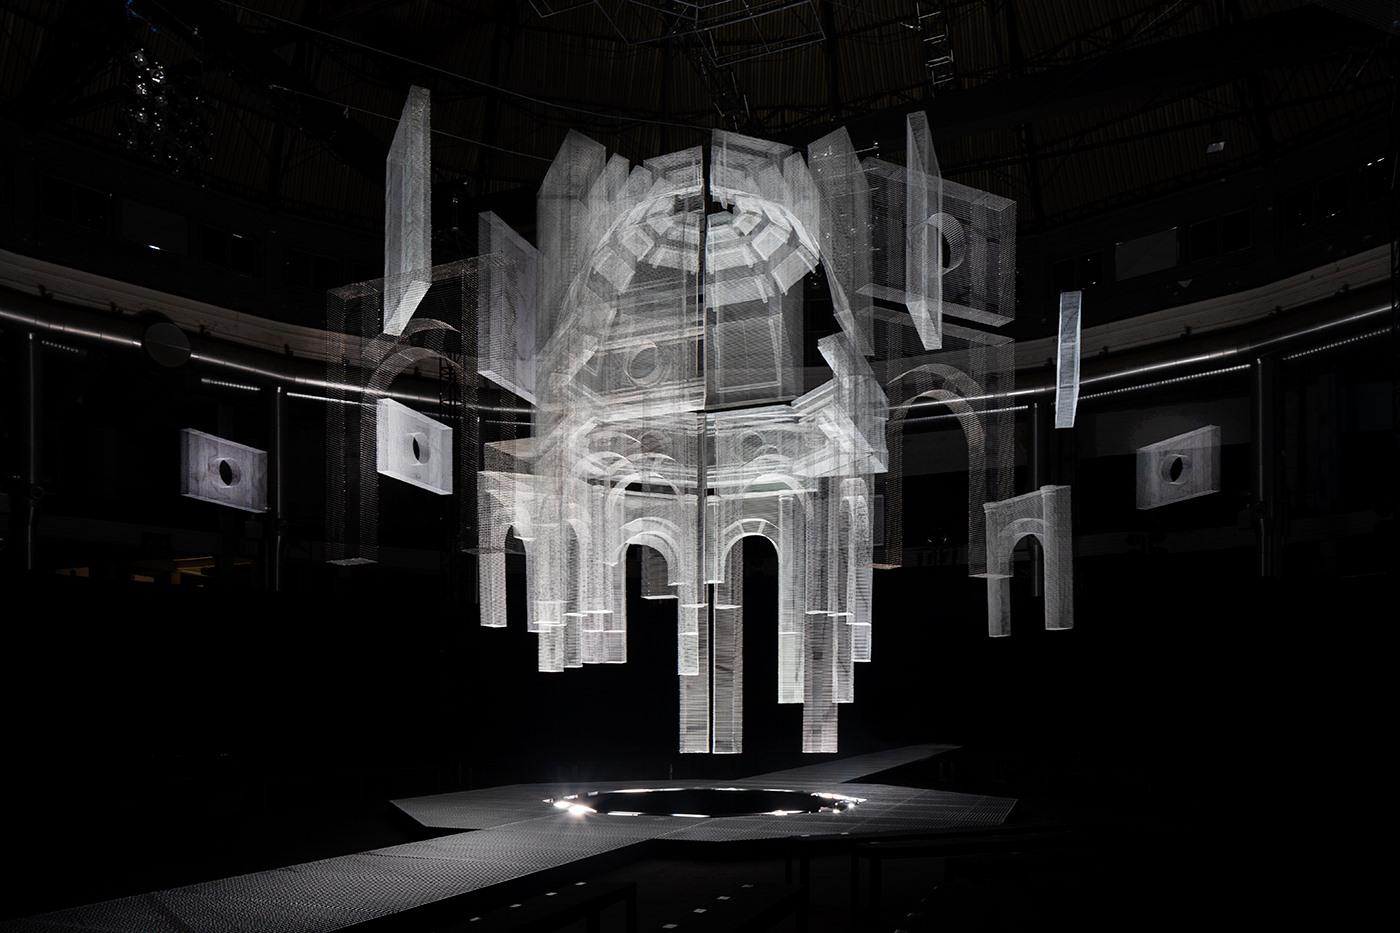 Le fantastiche maglie tridimensionali di Edoardo Tresoldi